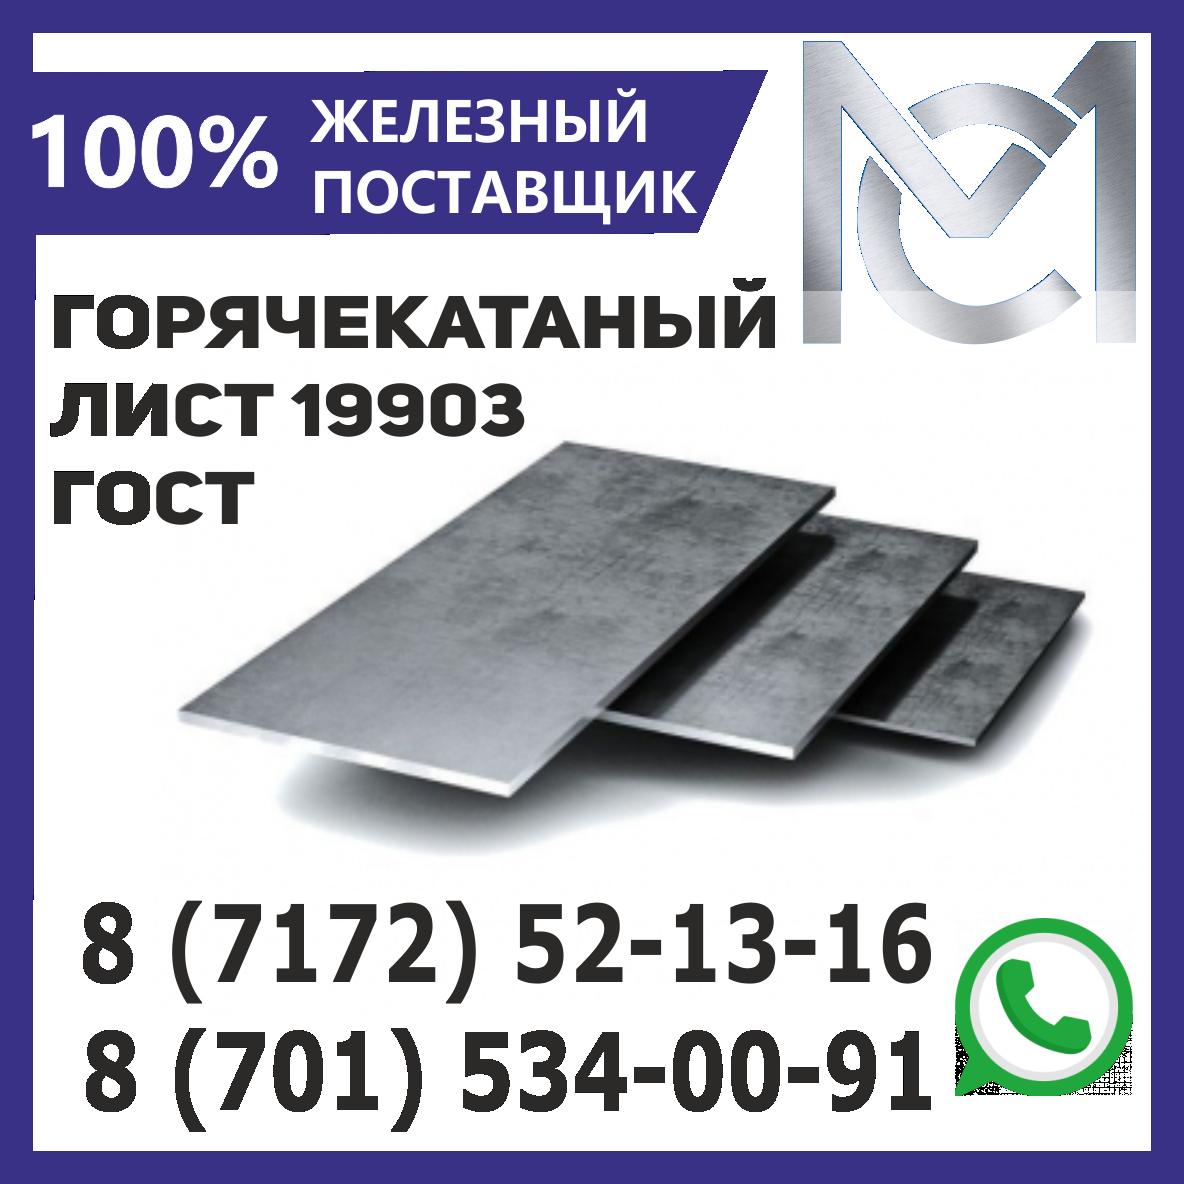 Лист 1,8 горячекатаный ГОСТ 19903-74, стальной 1х2 м.